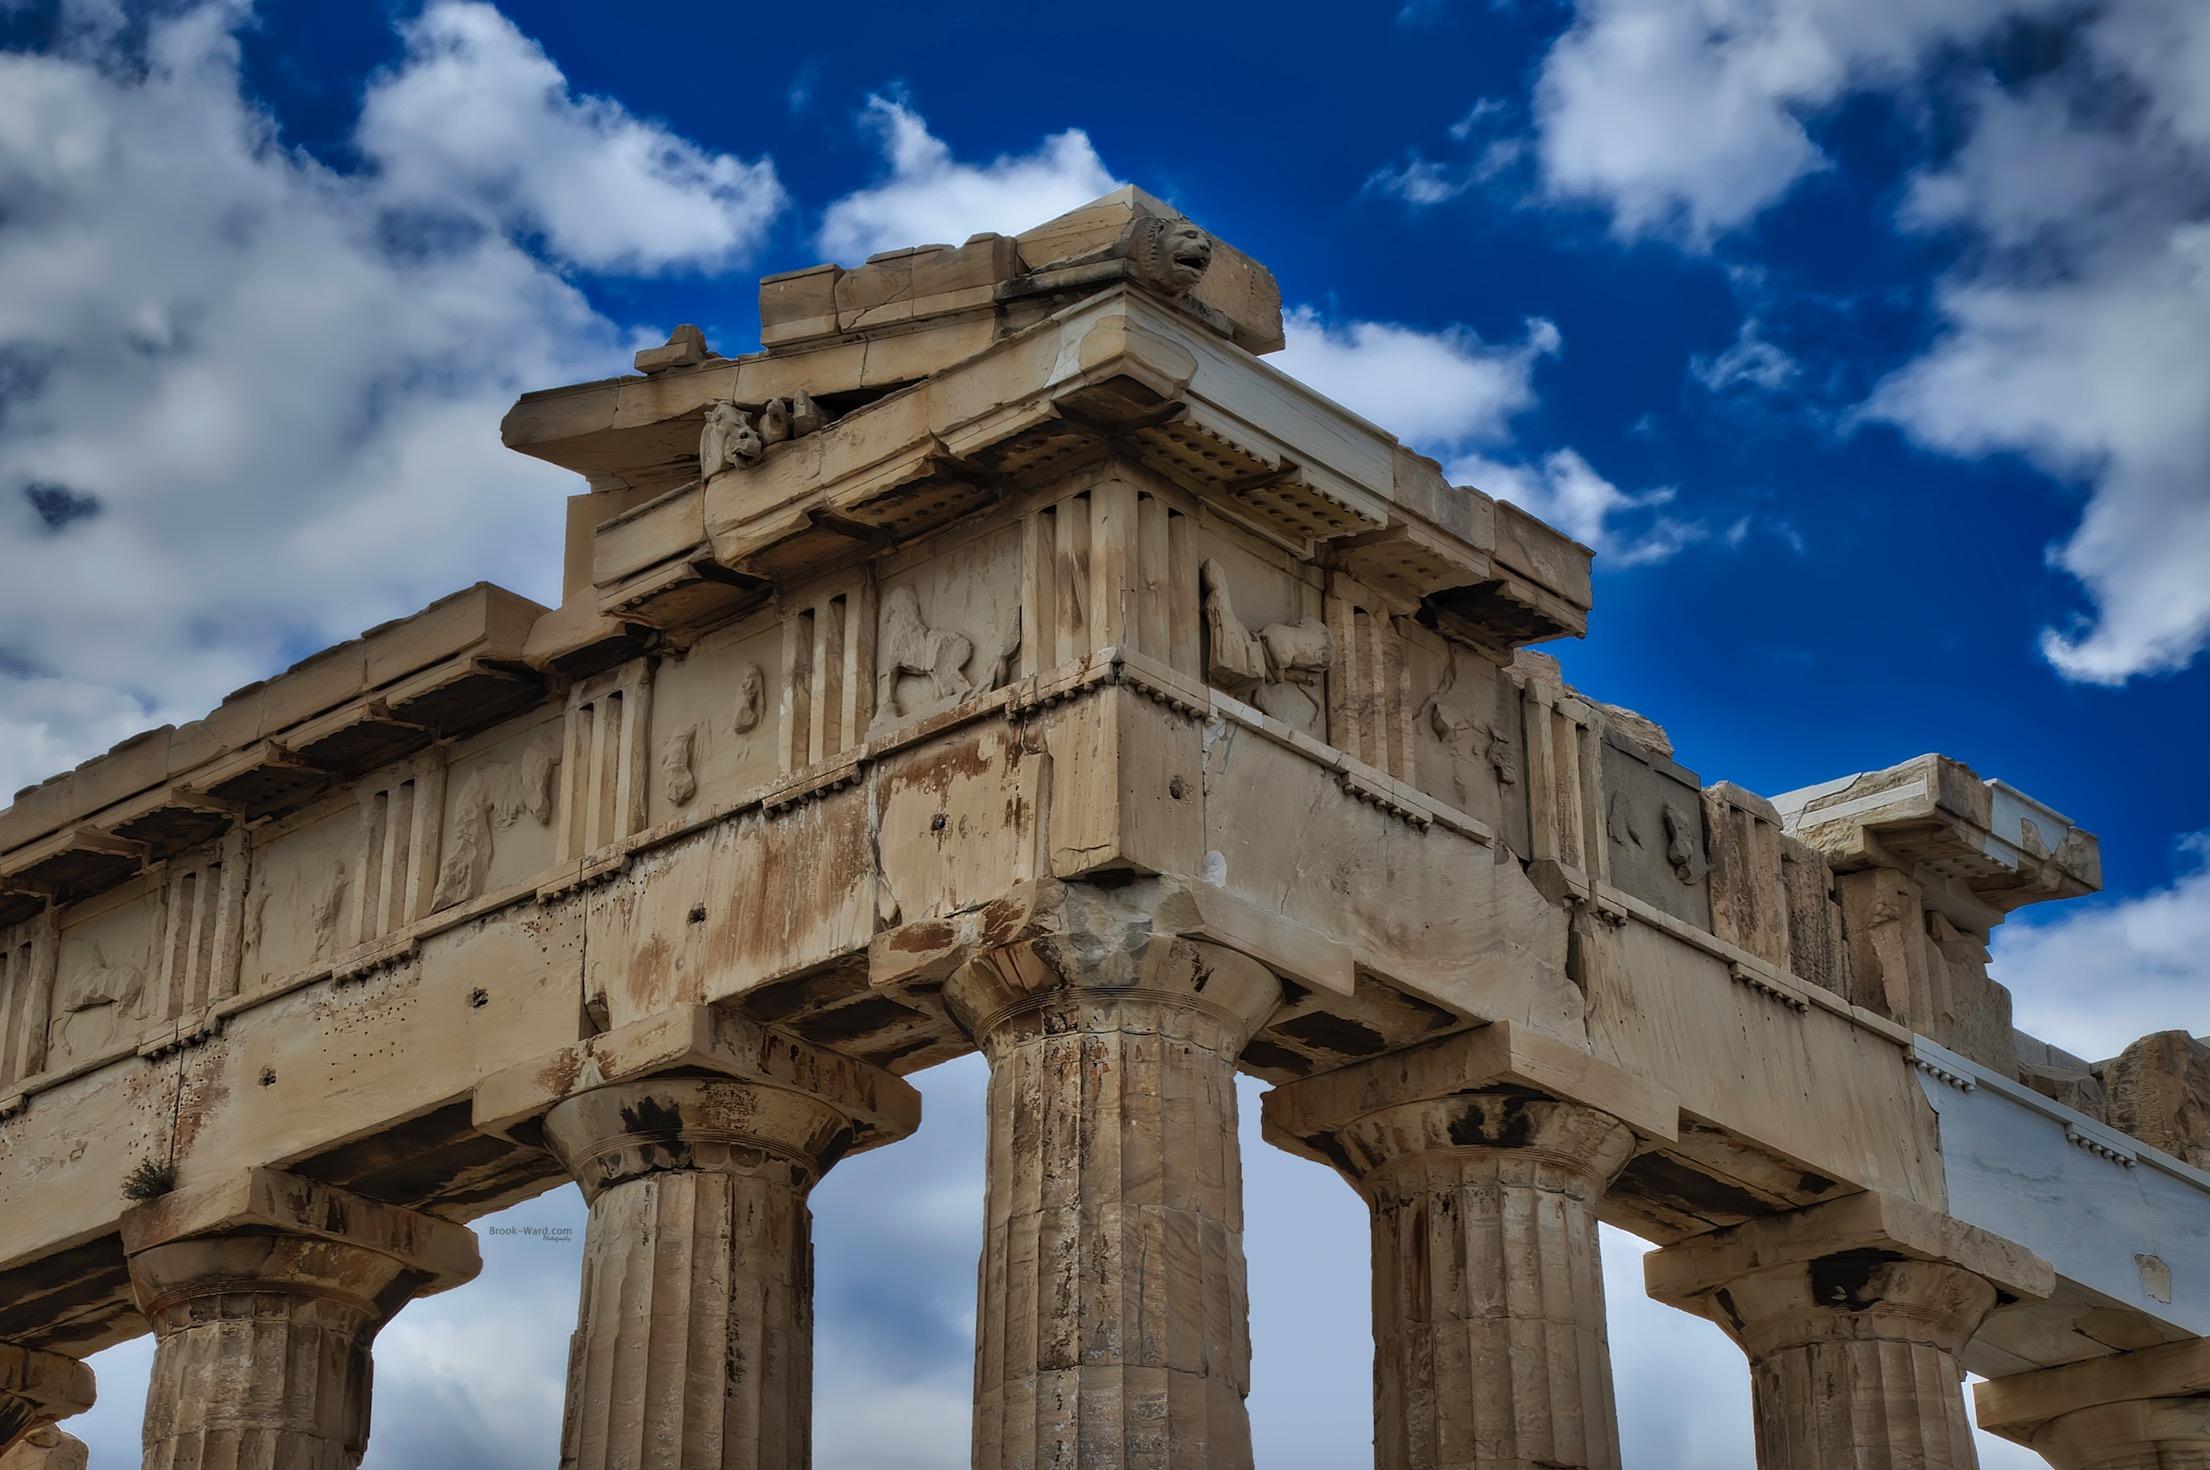 Details of Acropolis